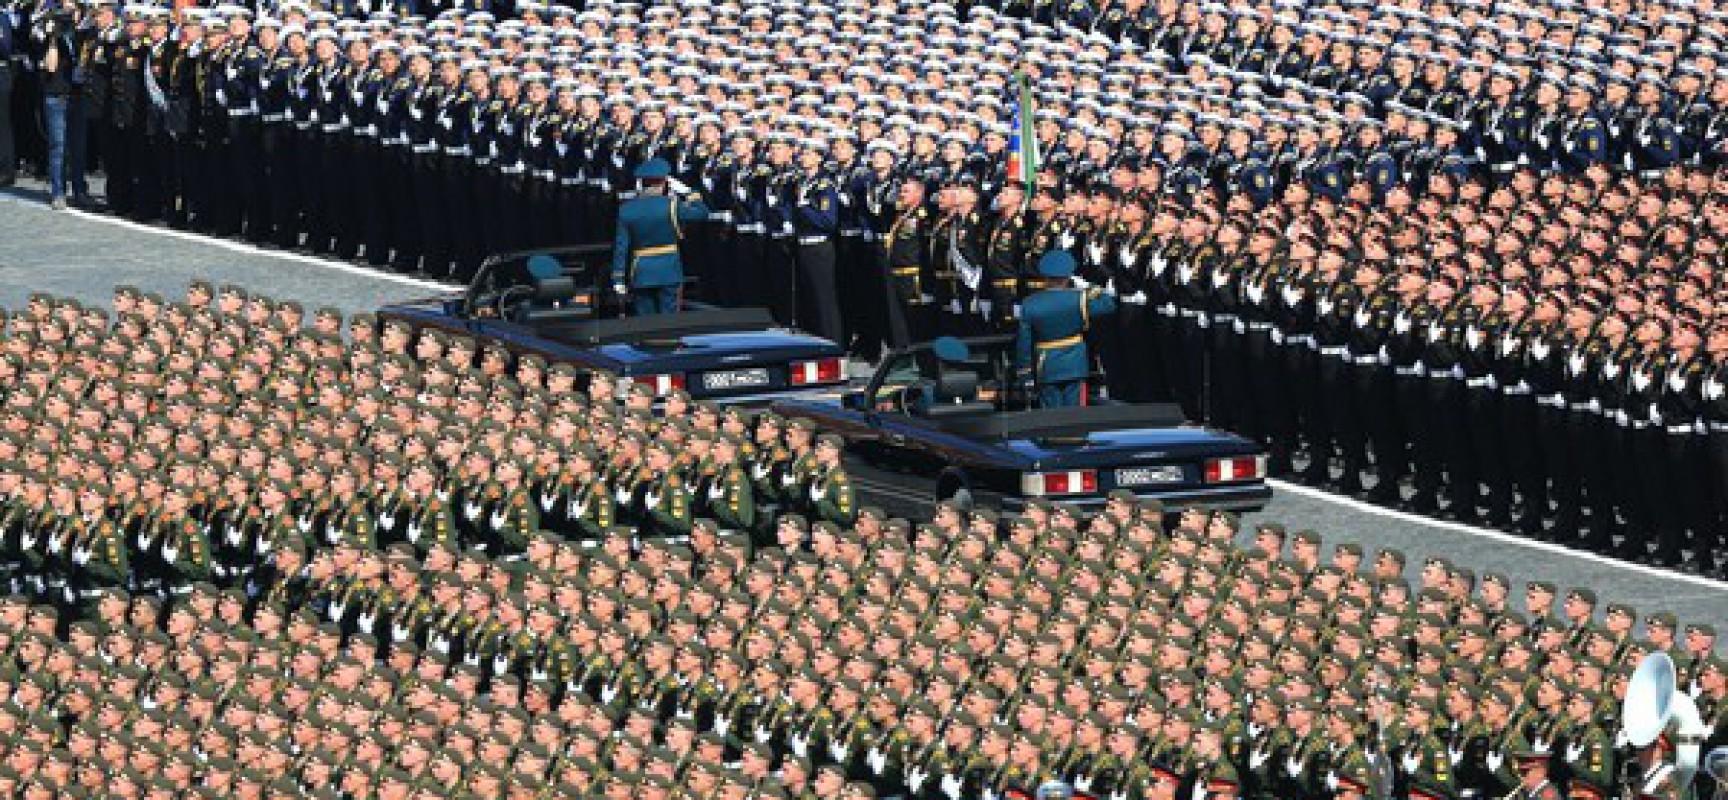 État des lieux des forces armées de Russie